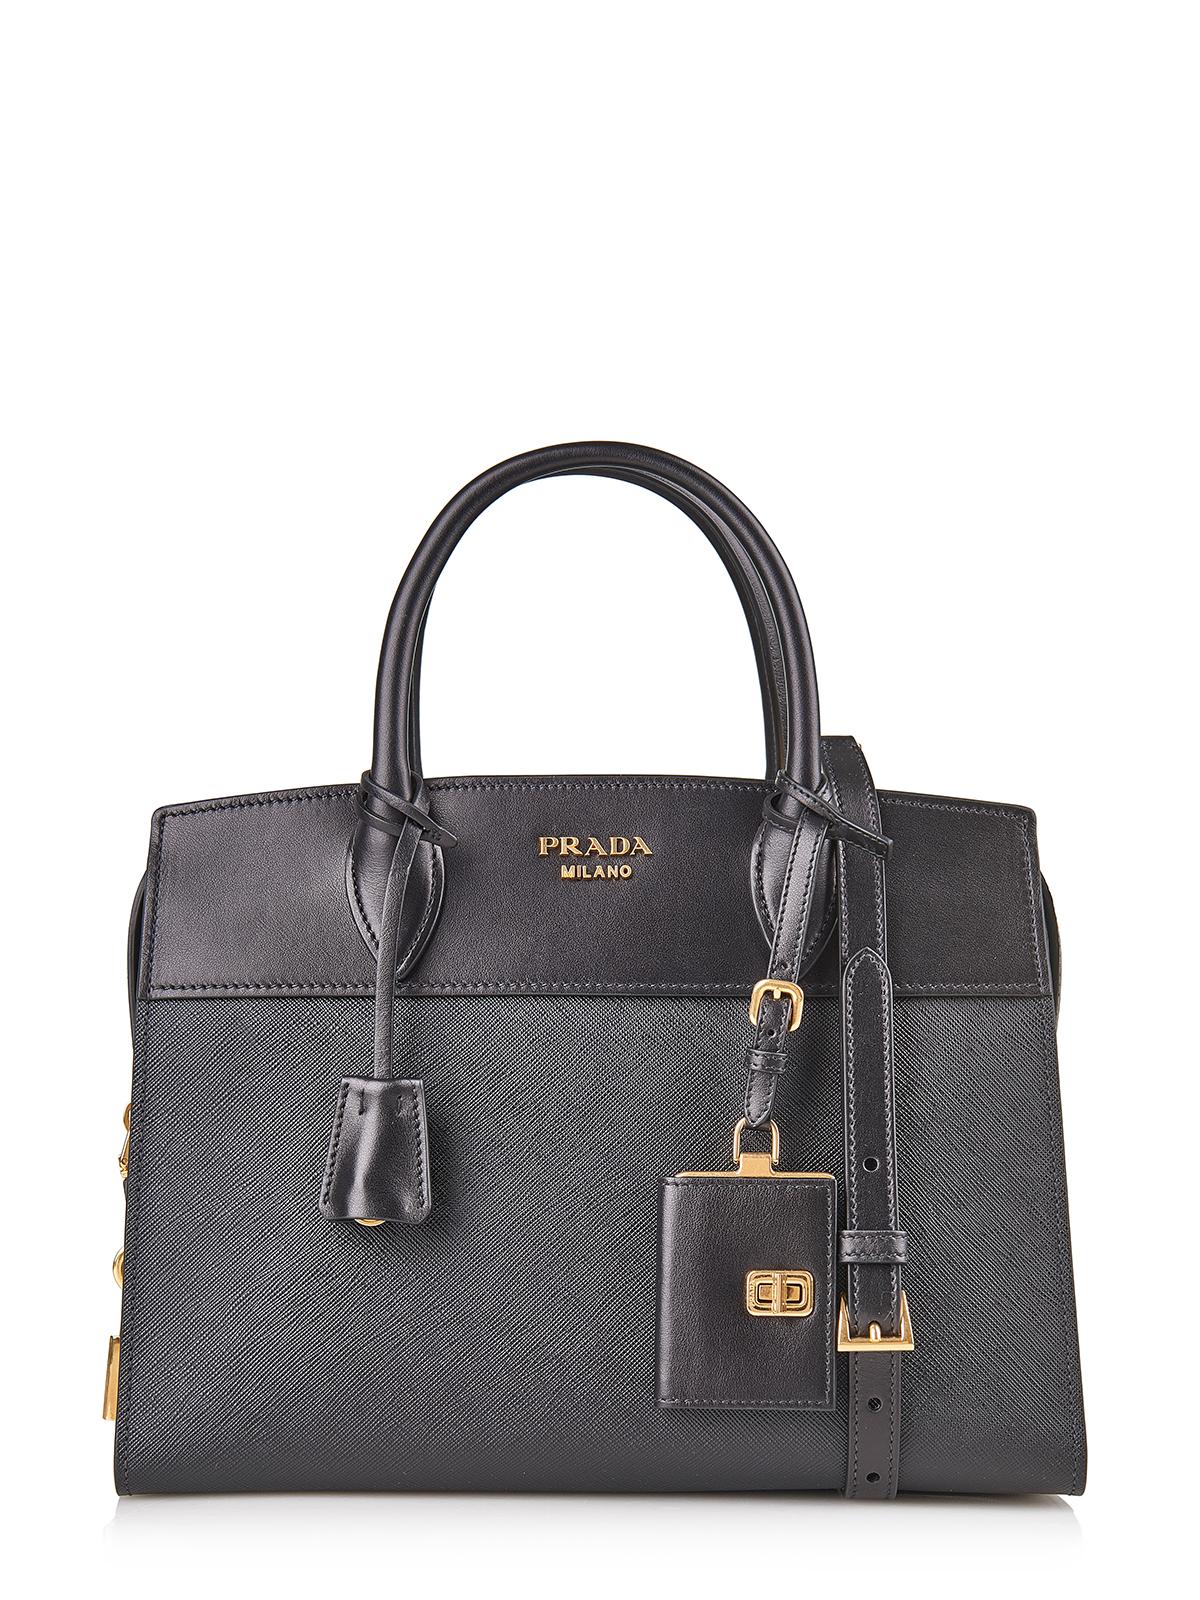 prada tasche bag 1ba046 schwarz 100 leder leather ebay. Black Bedroom Furniture Sets. Home Design Ideas